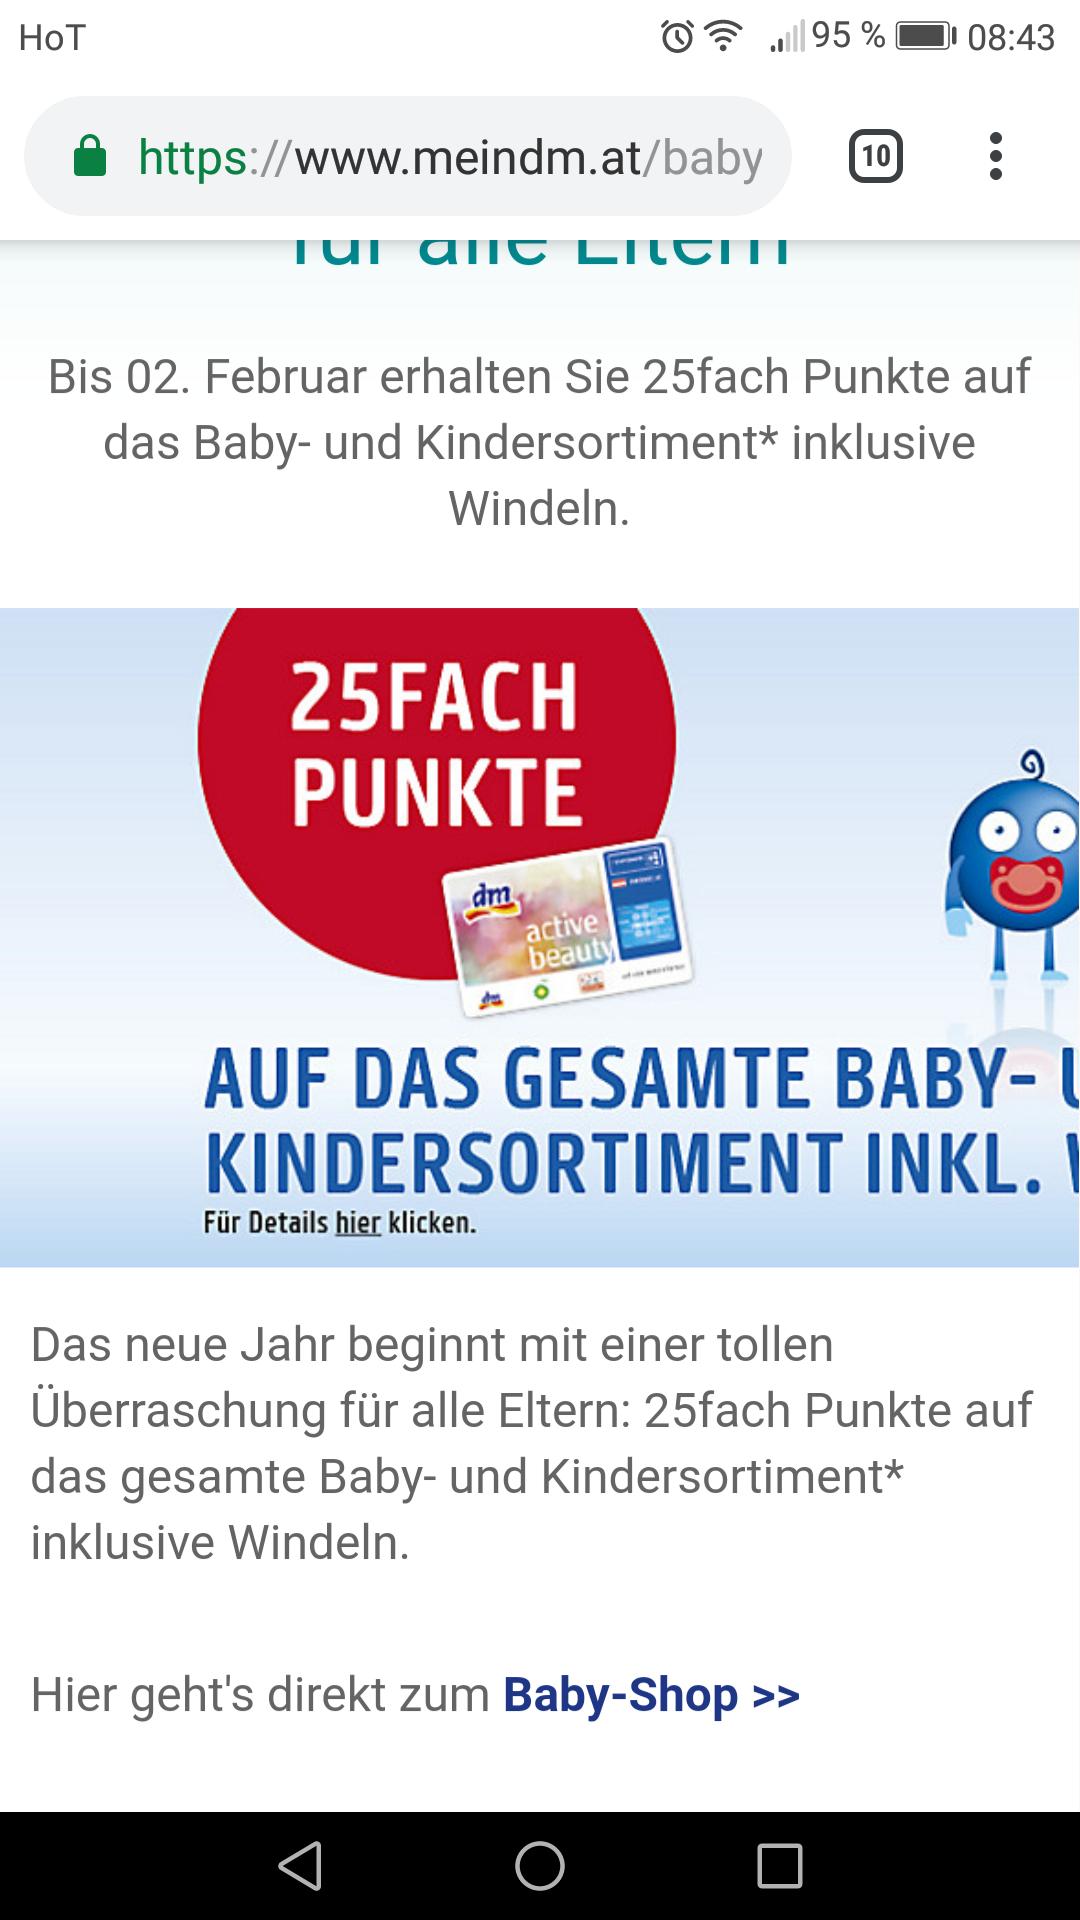 25 Fach Payback Punkte bei DM auf babyprodukte incl windeln